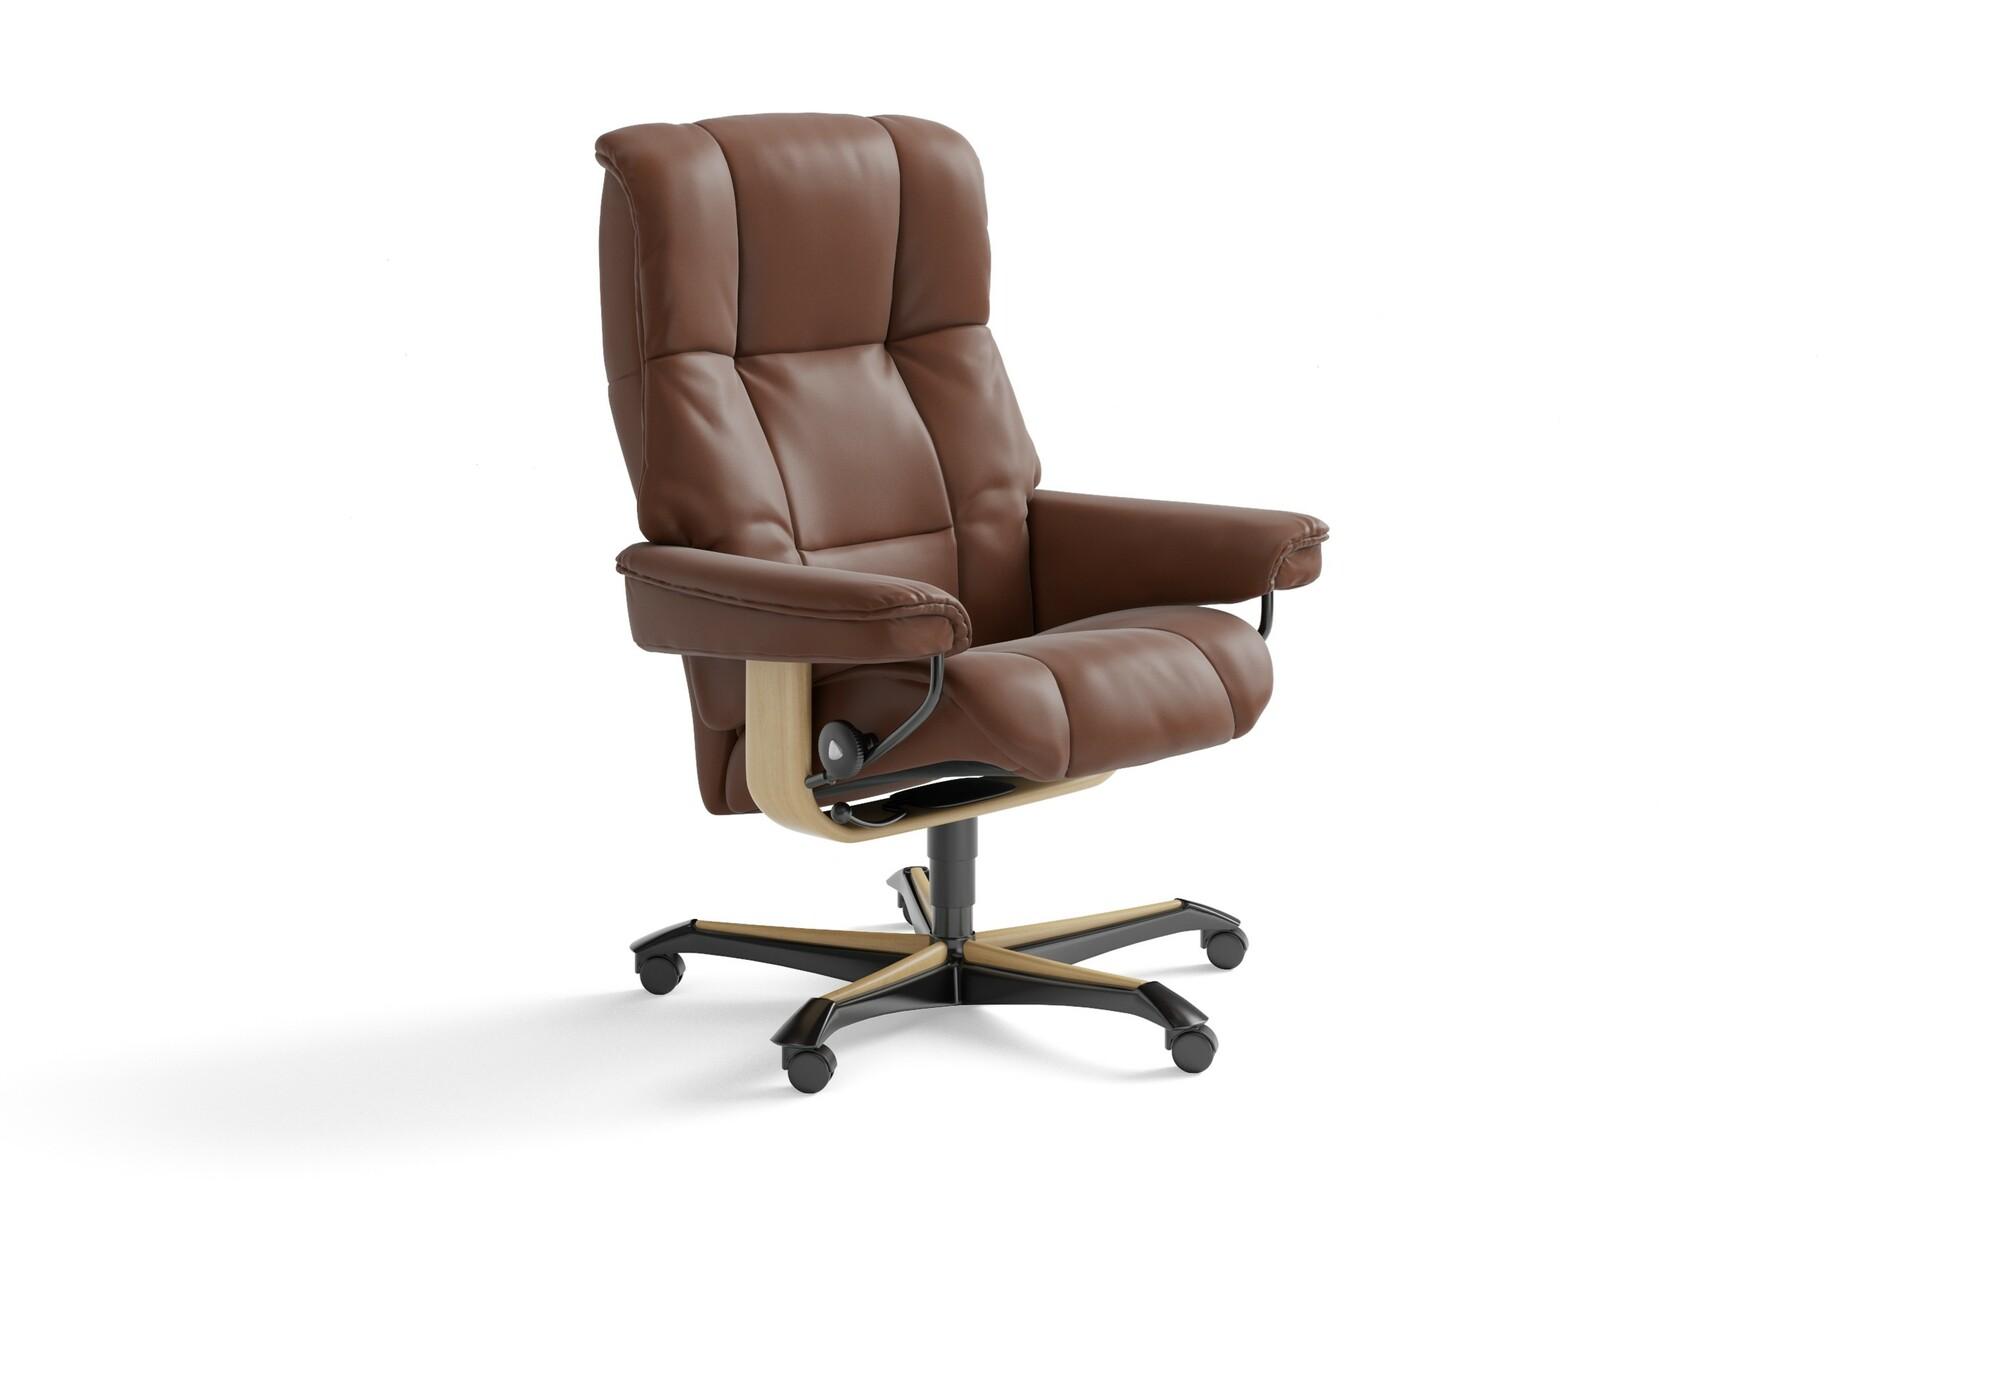 Valvomotuoli Kab Seating Director XL hyvän valvomotuolin hinta 995€